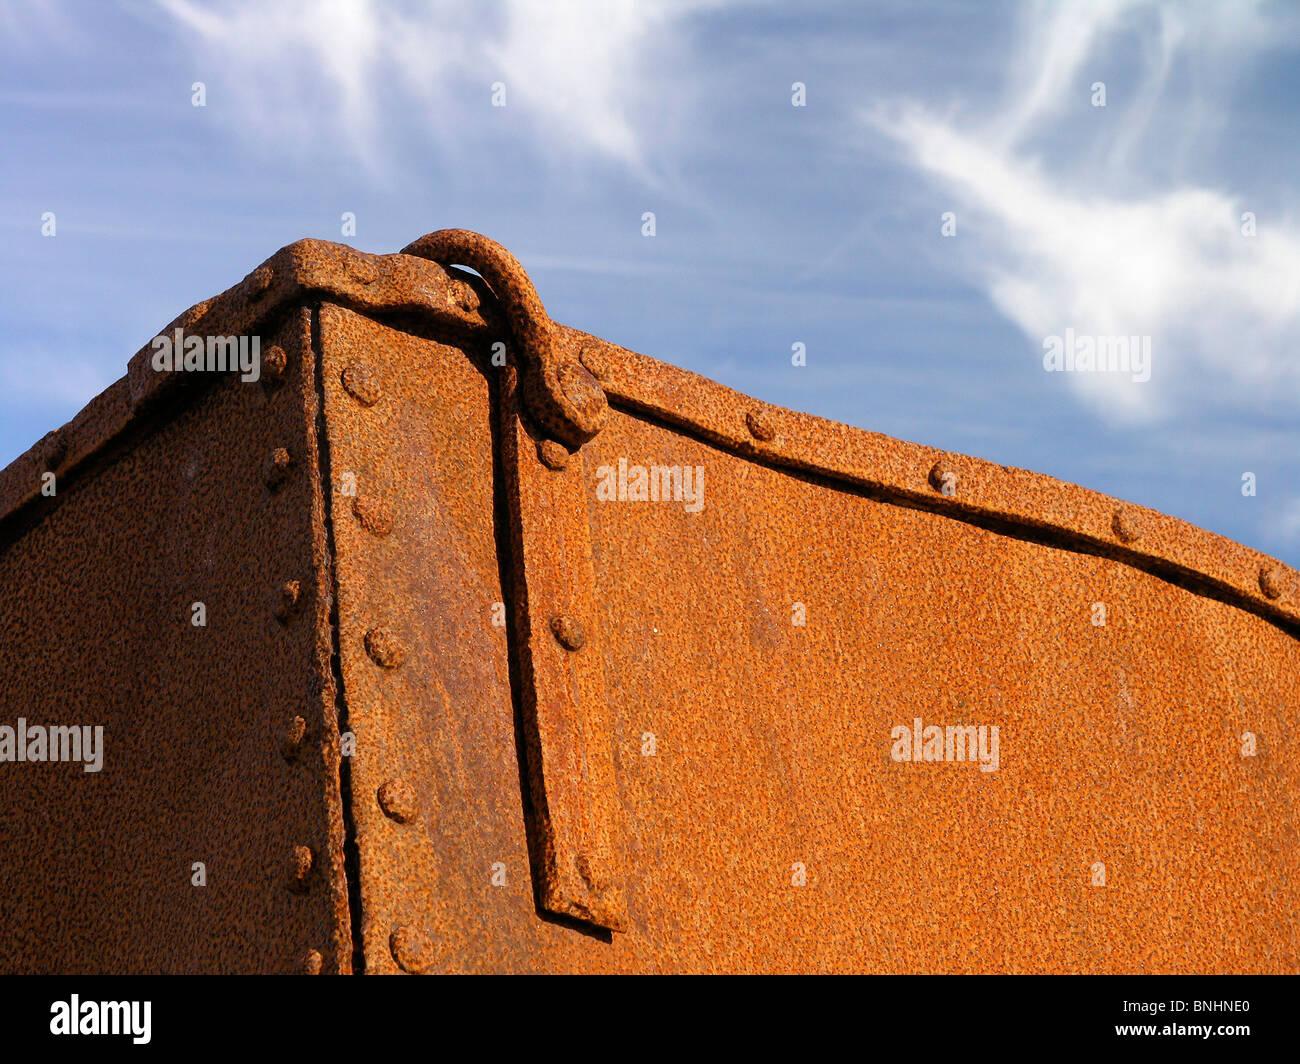 Suecia metal box roto rusty rust inútil pérdida desperdiciar la corrosión coast blue sky Escandinavia Foto de stock